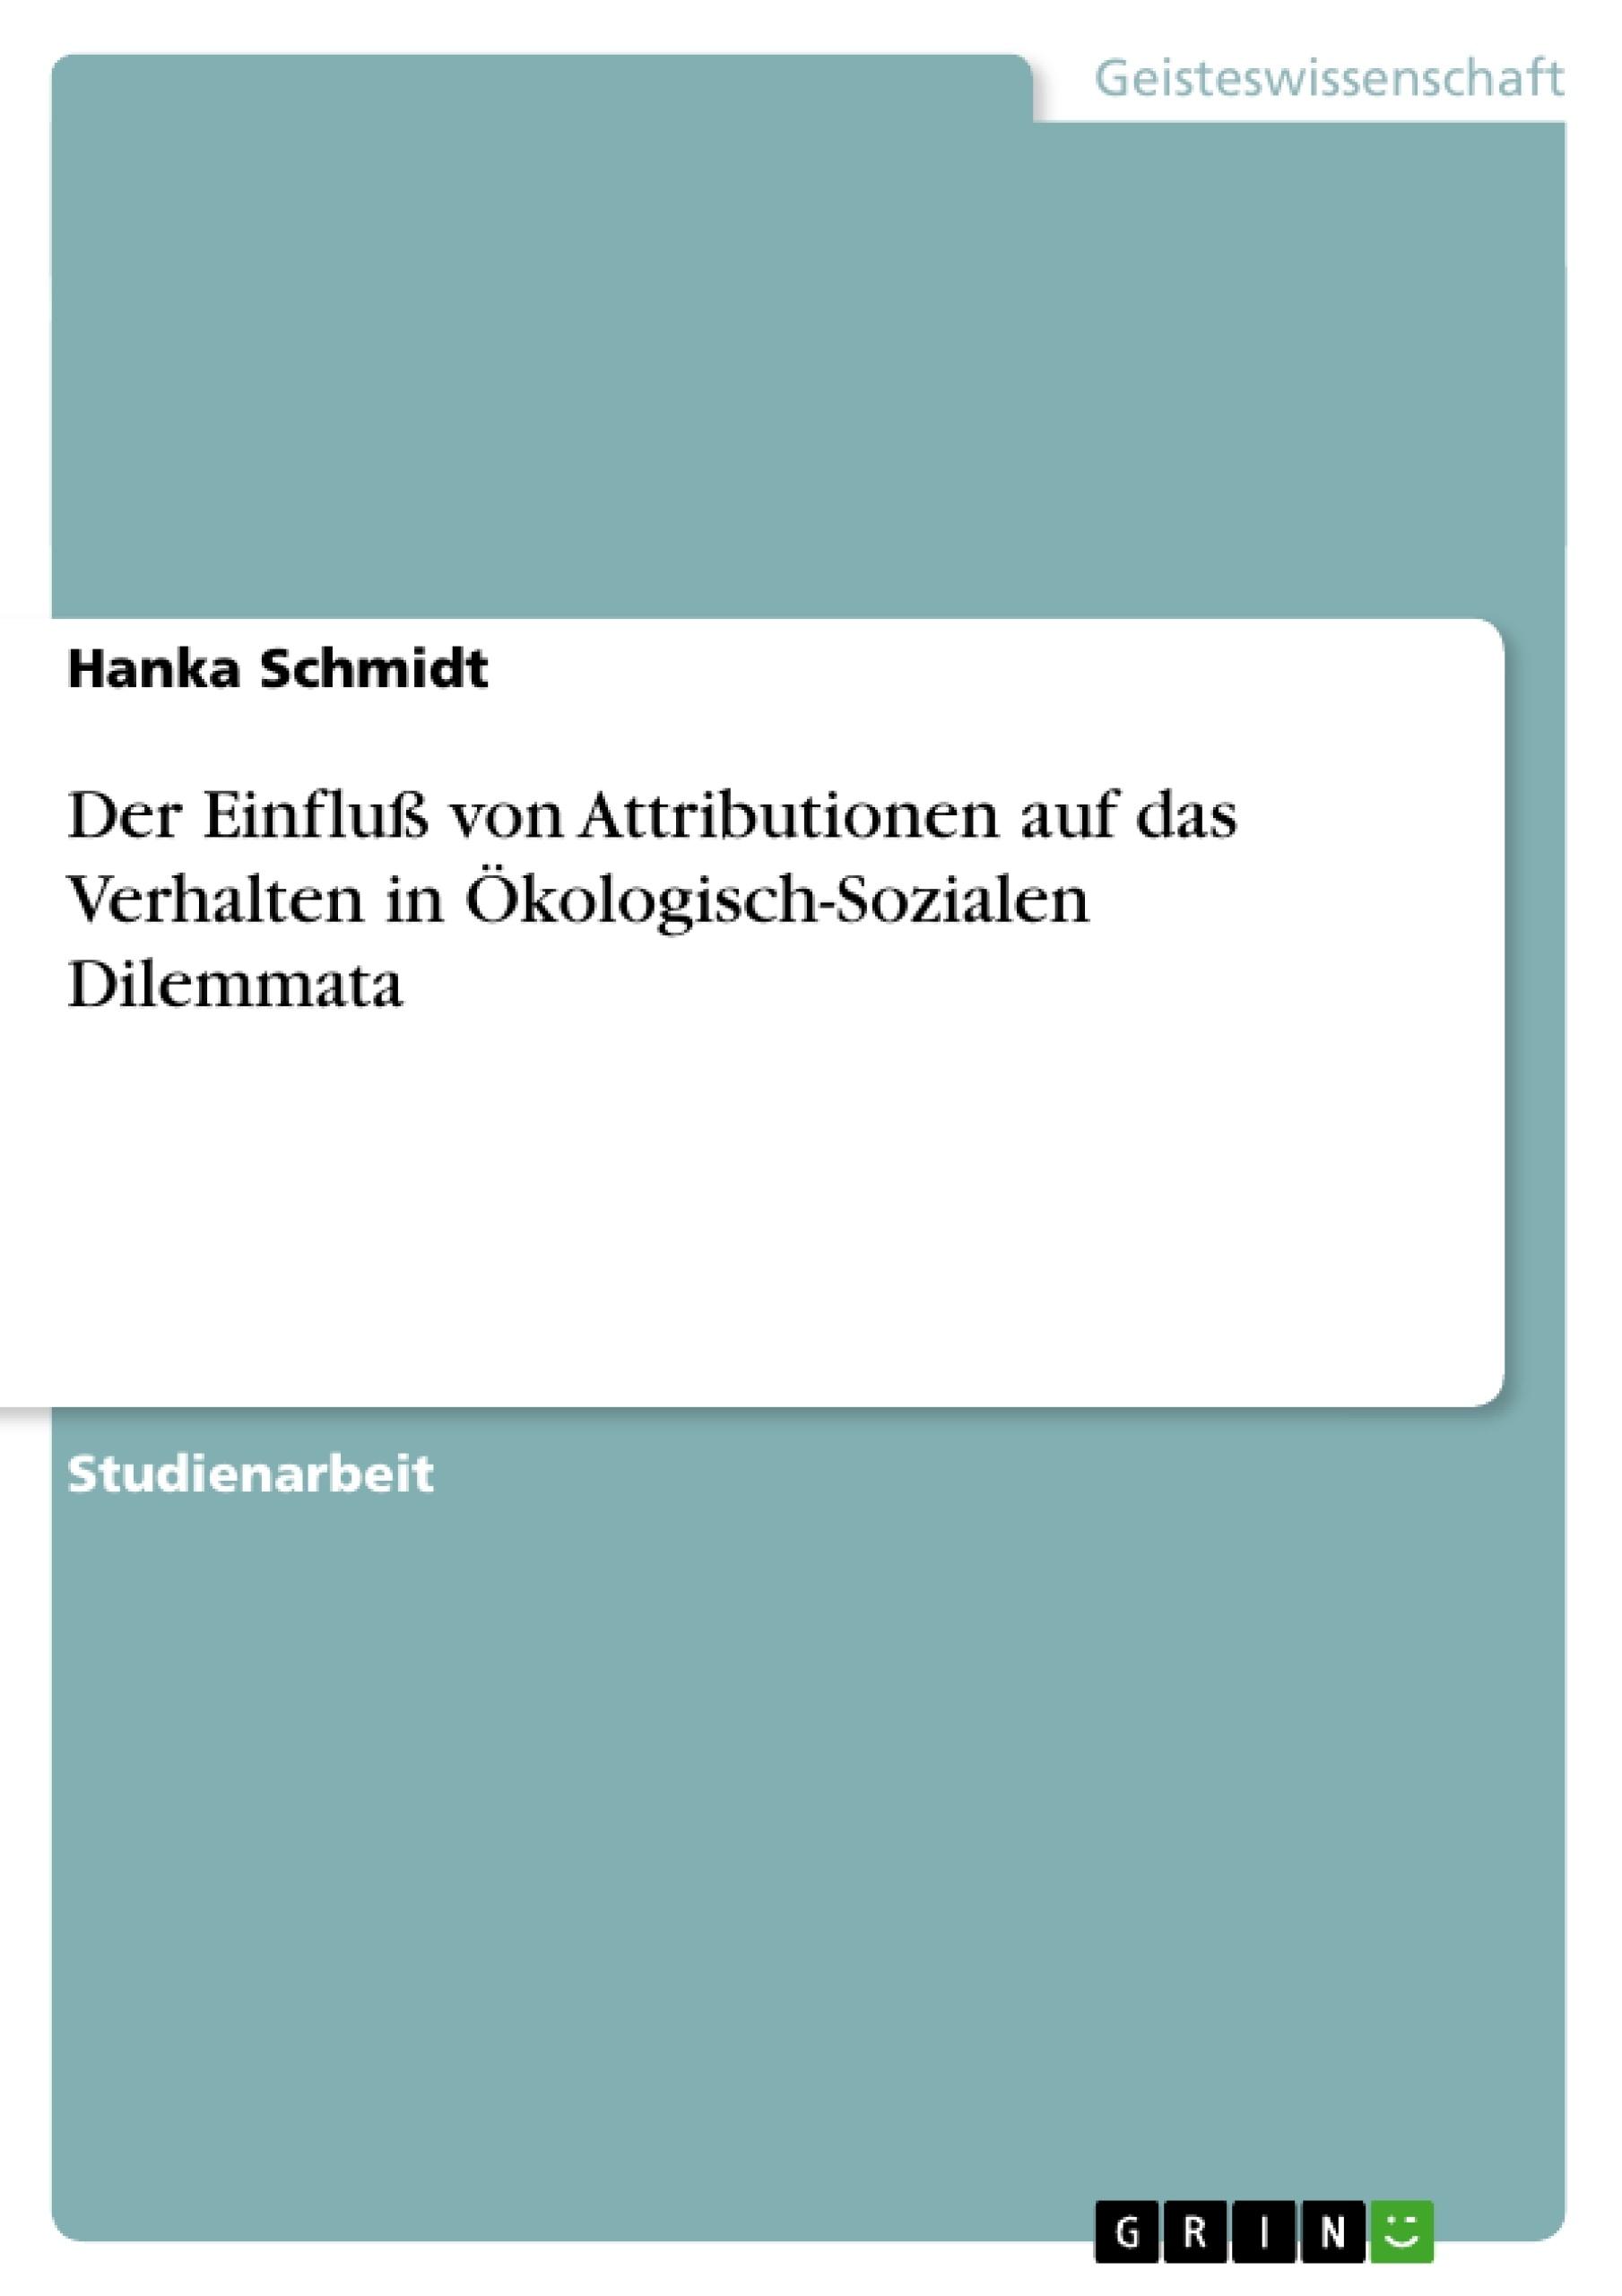 Titel: Der Einfluß von Attributionen auf das Verhalten in Ökologisch-Sozialen Dilemmata